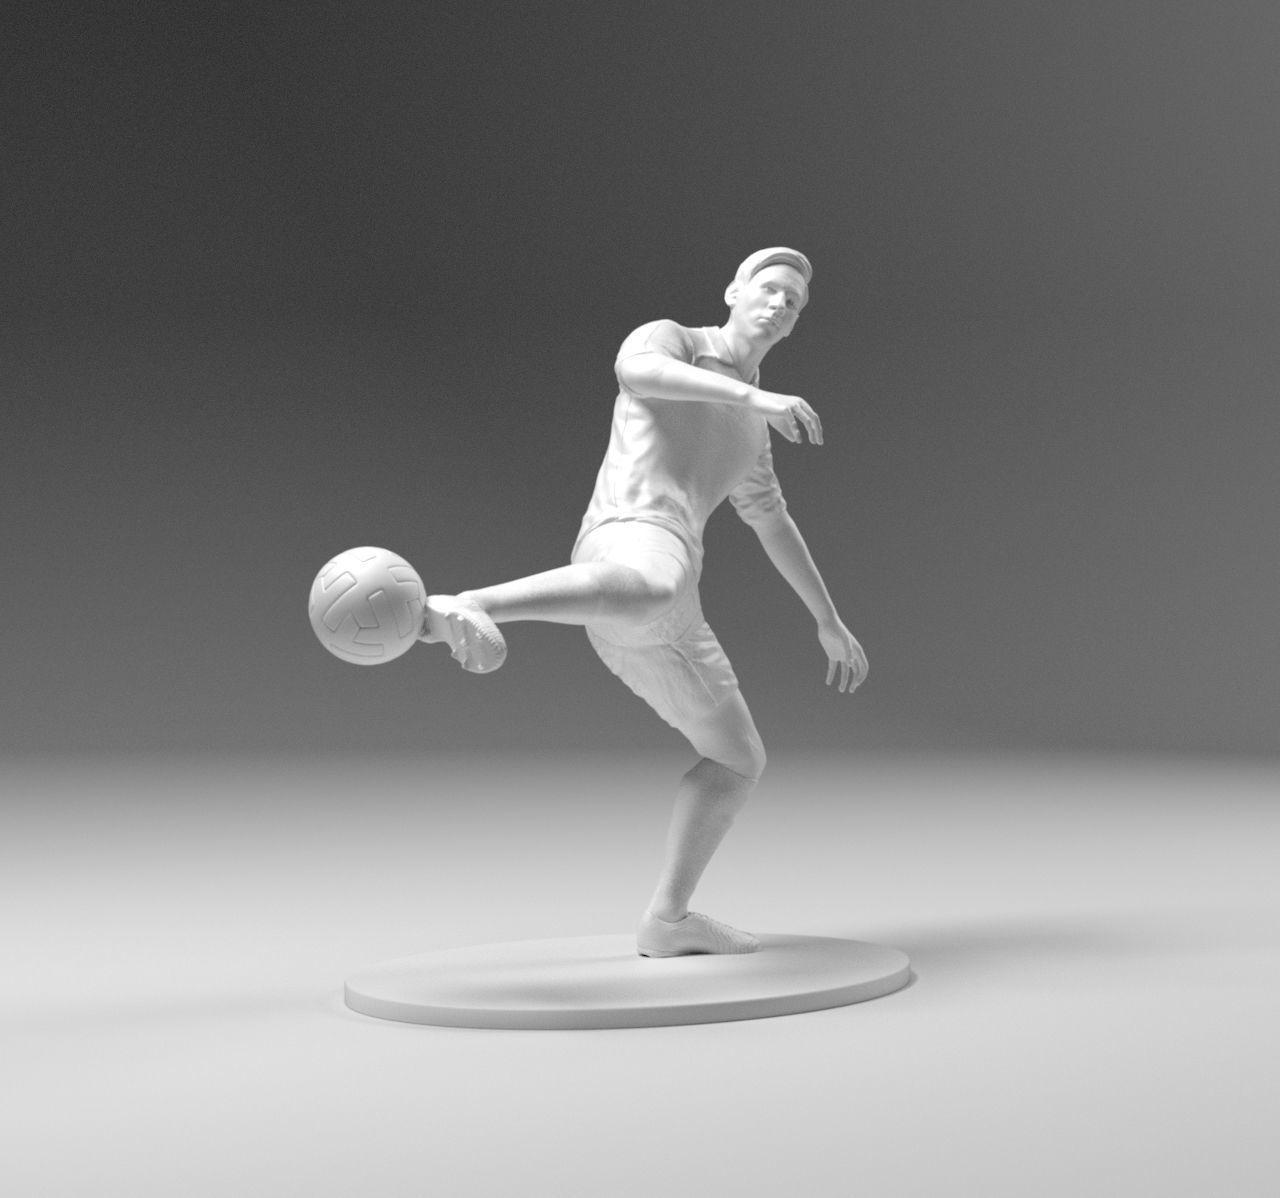 Footballer 03 Footstrike 04 Stl